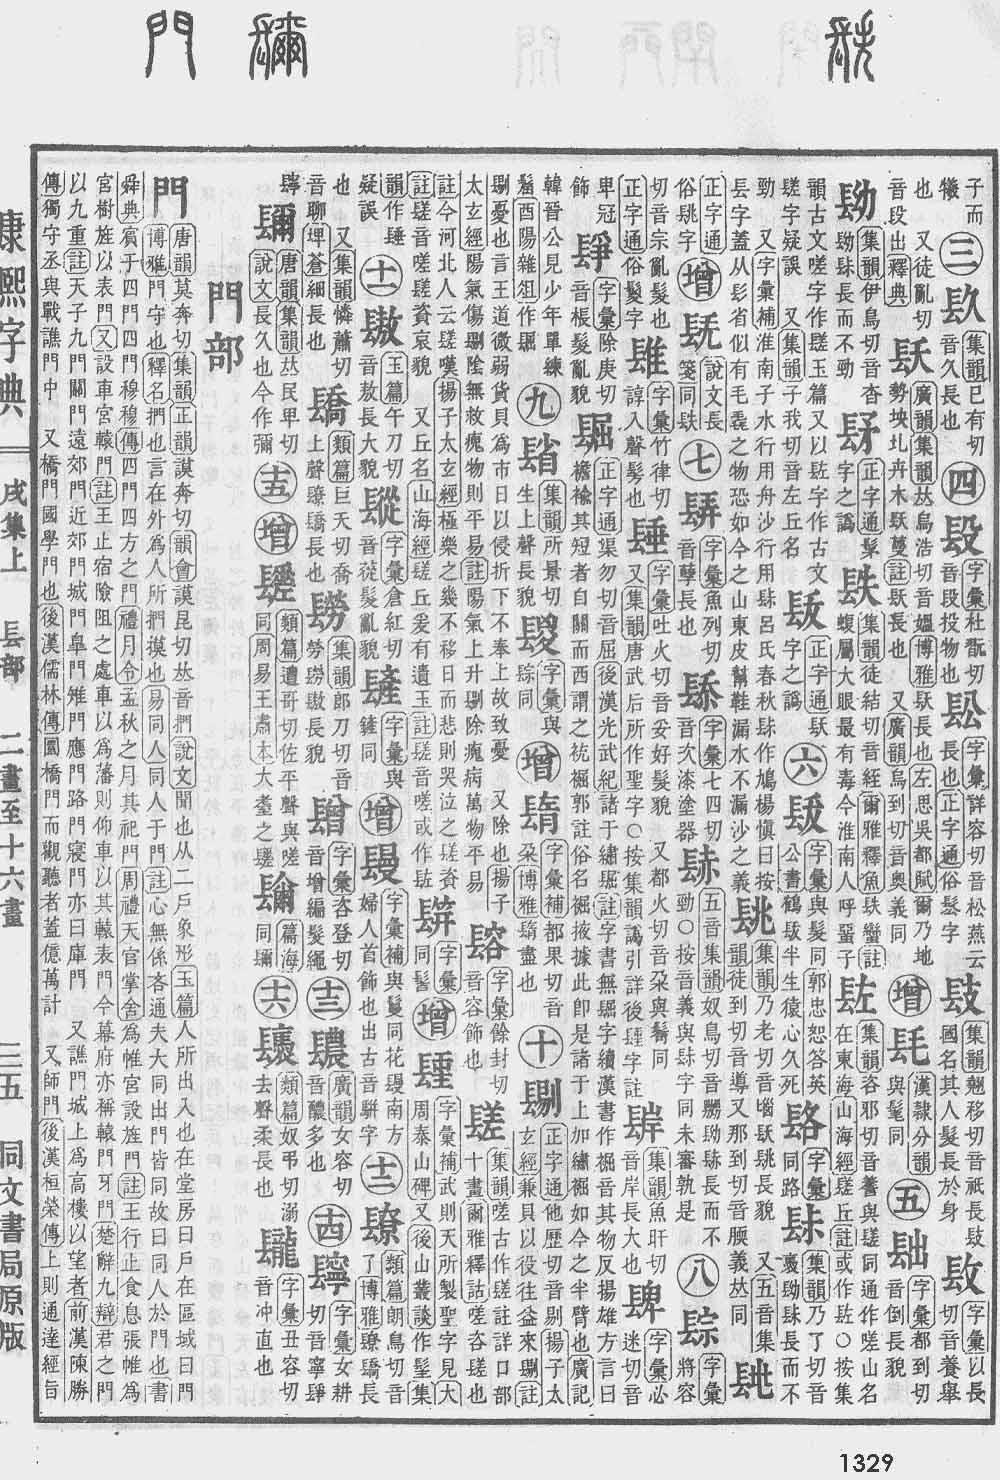 《康熙字典》第1329页